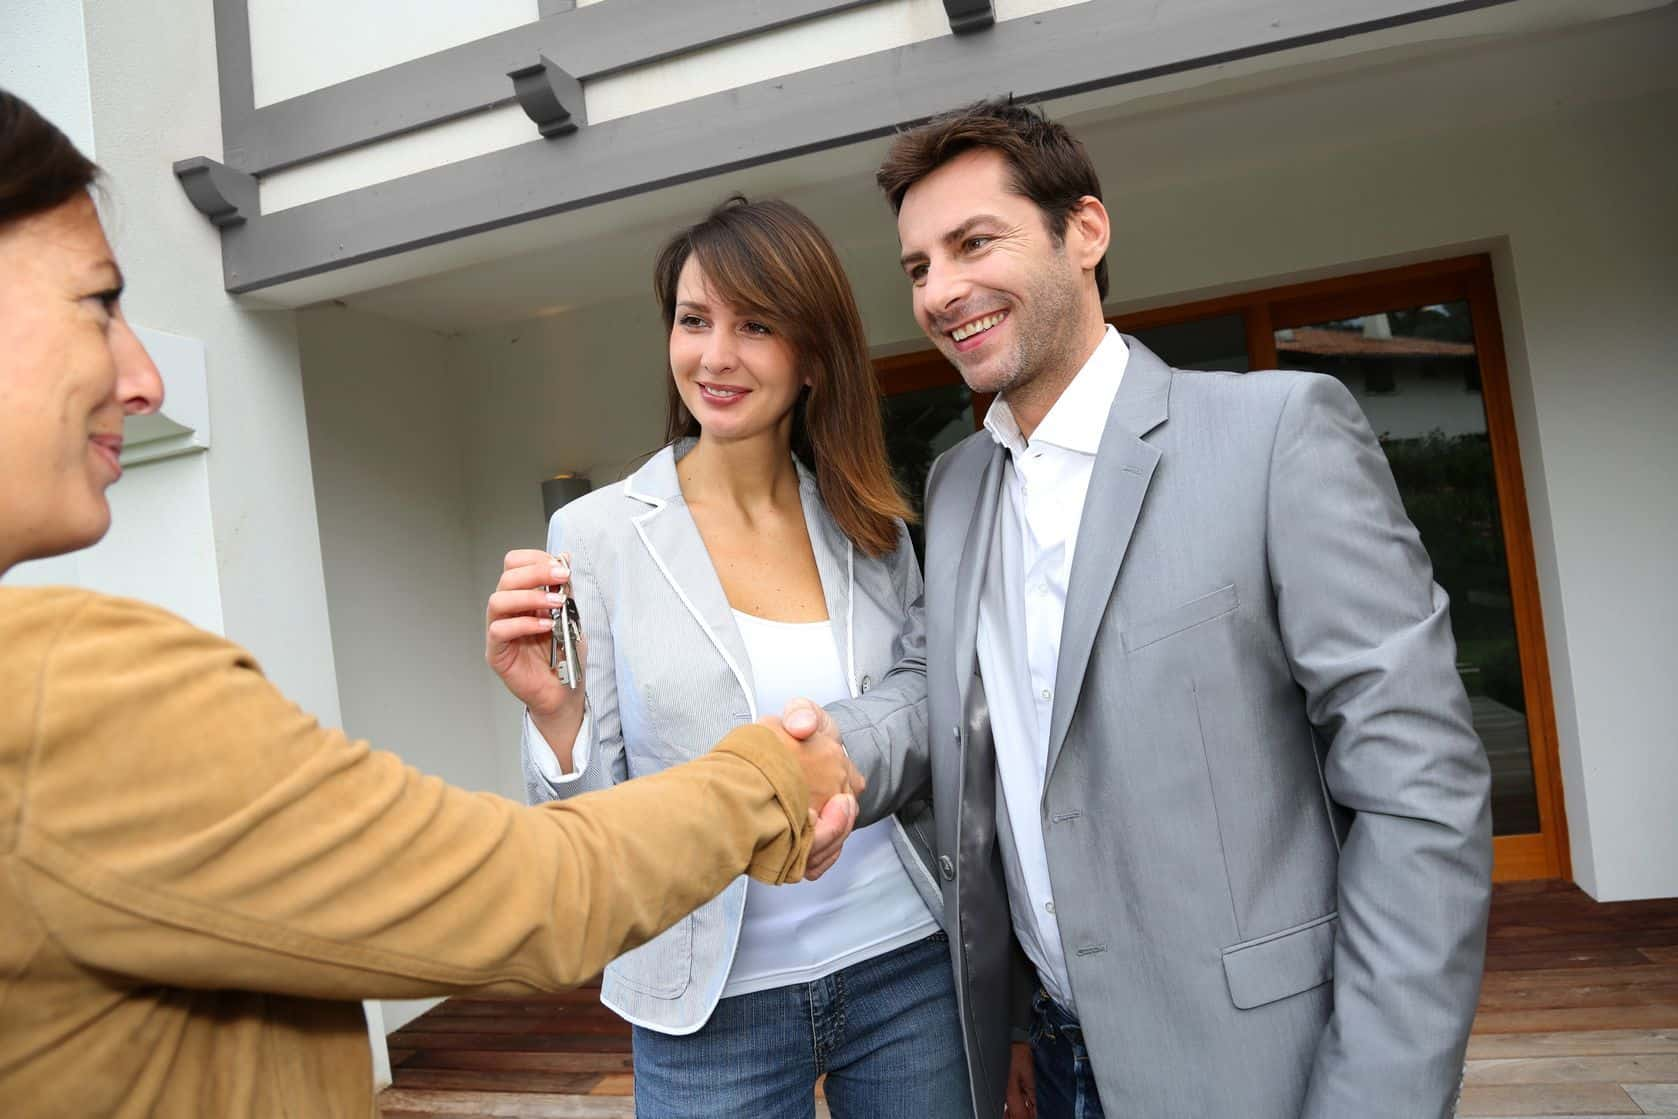 Huis verkopen in 7 stappen